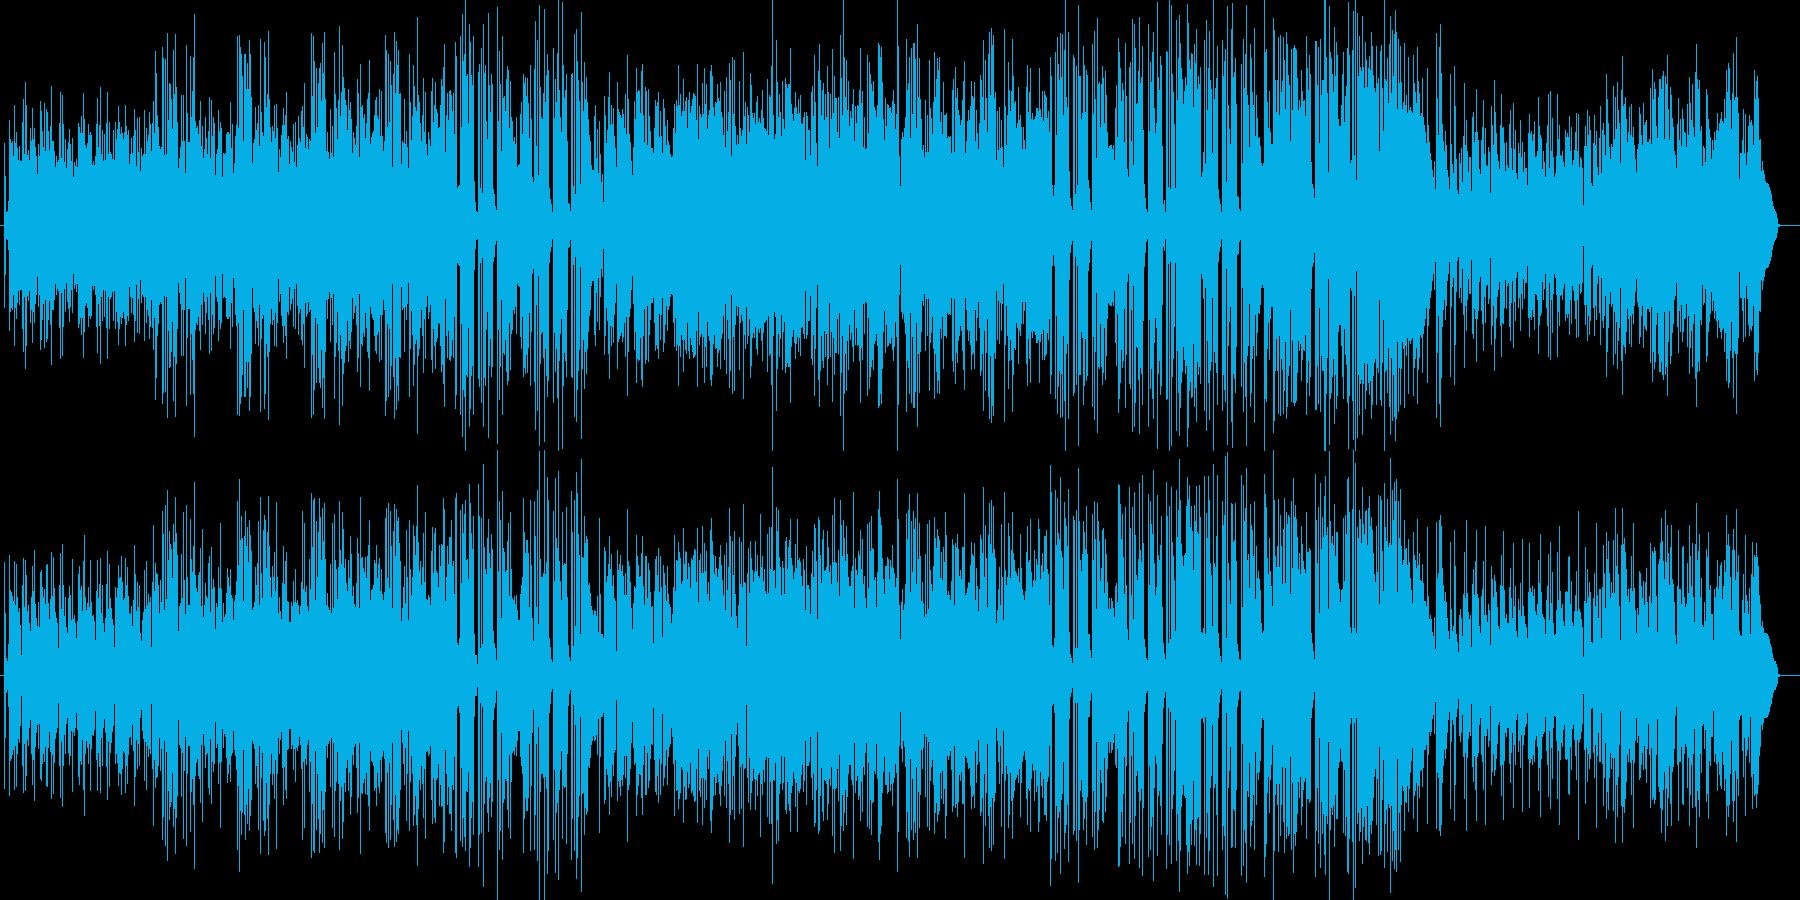 はじけるハッピーなギタートランペット曲の再生済みの波形